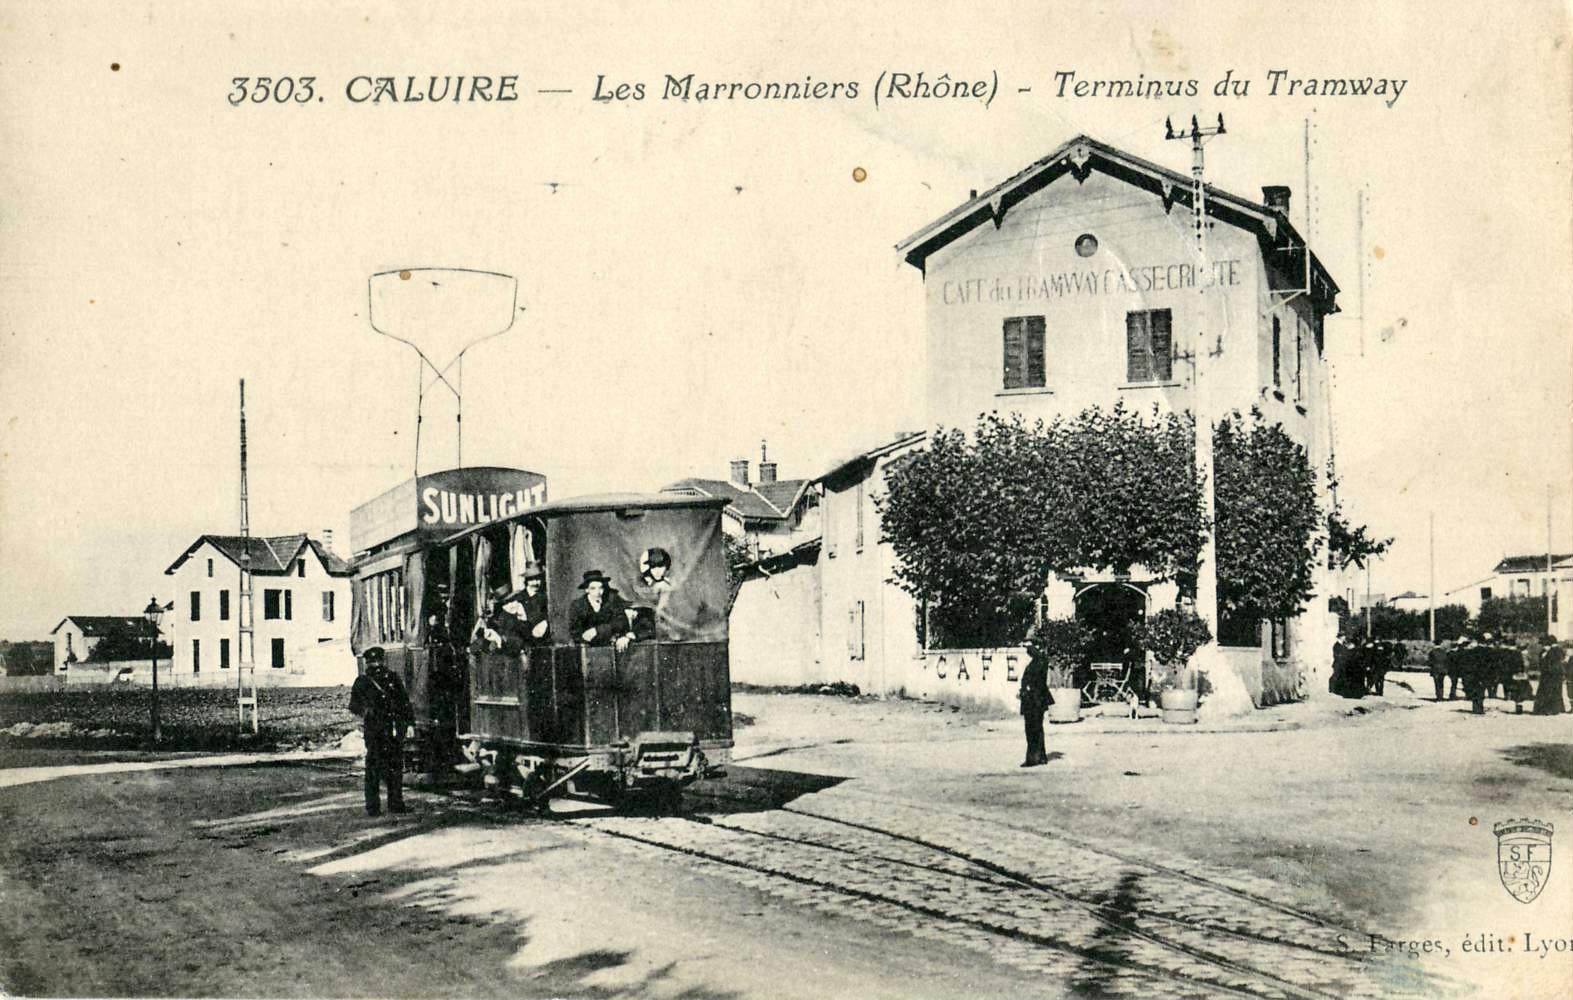 Cartes postales ville,villagescpa par odre alphabétique. - Page 11 Farges_3503_-_CALUIRE_-_Les_Marronniers_-_Terminus_du_Tramway